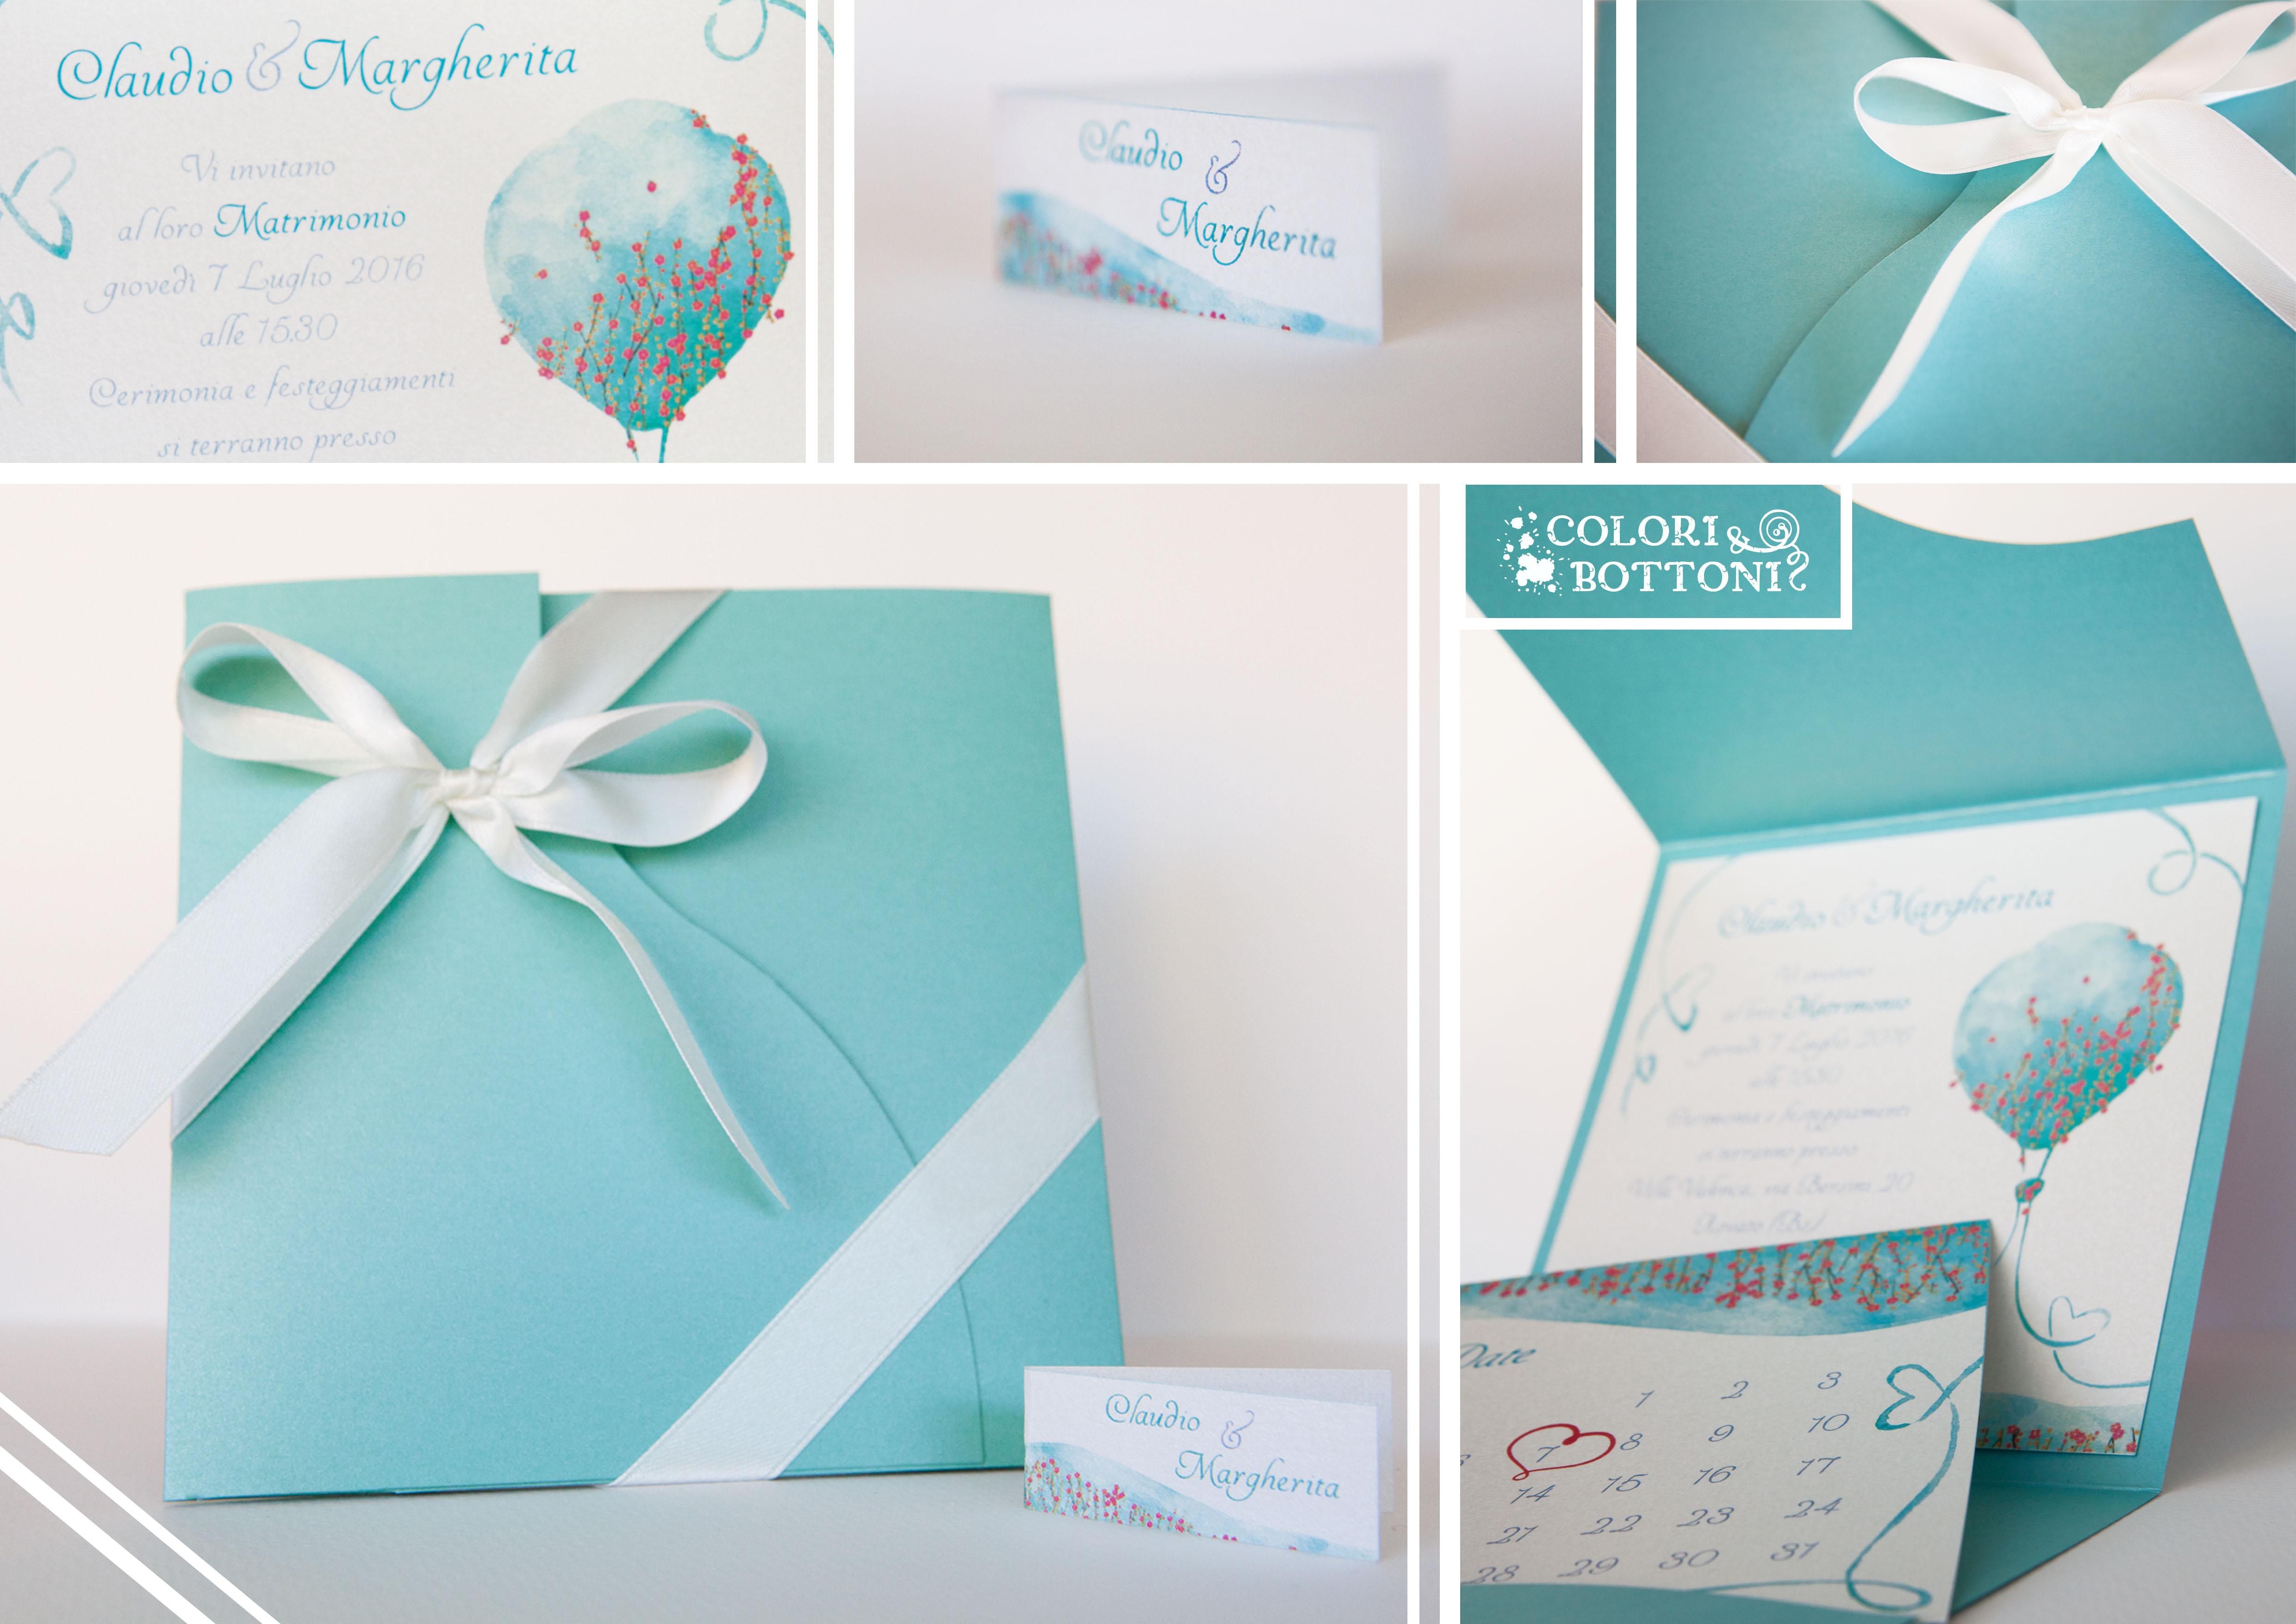 Partecipazioni Matrimonio Tiffany On Line.Partecipazioni E Bomboniere Lombardia Colori Bottoni